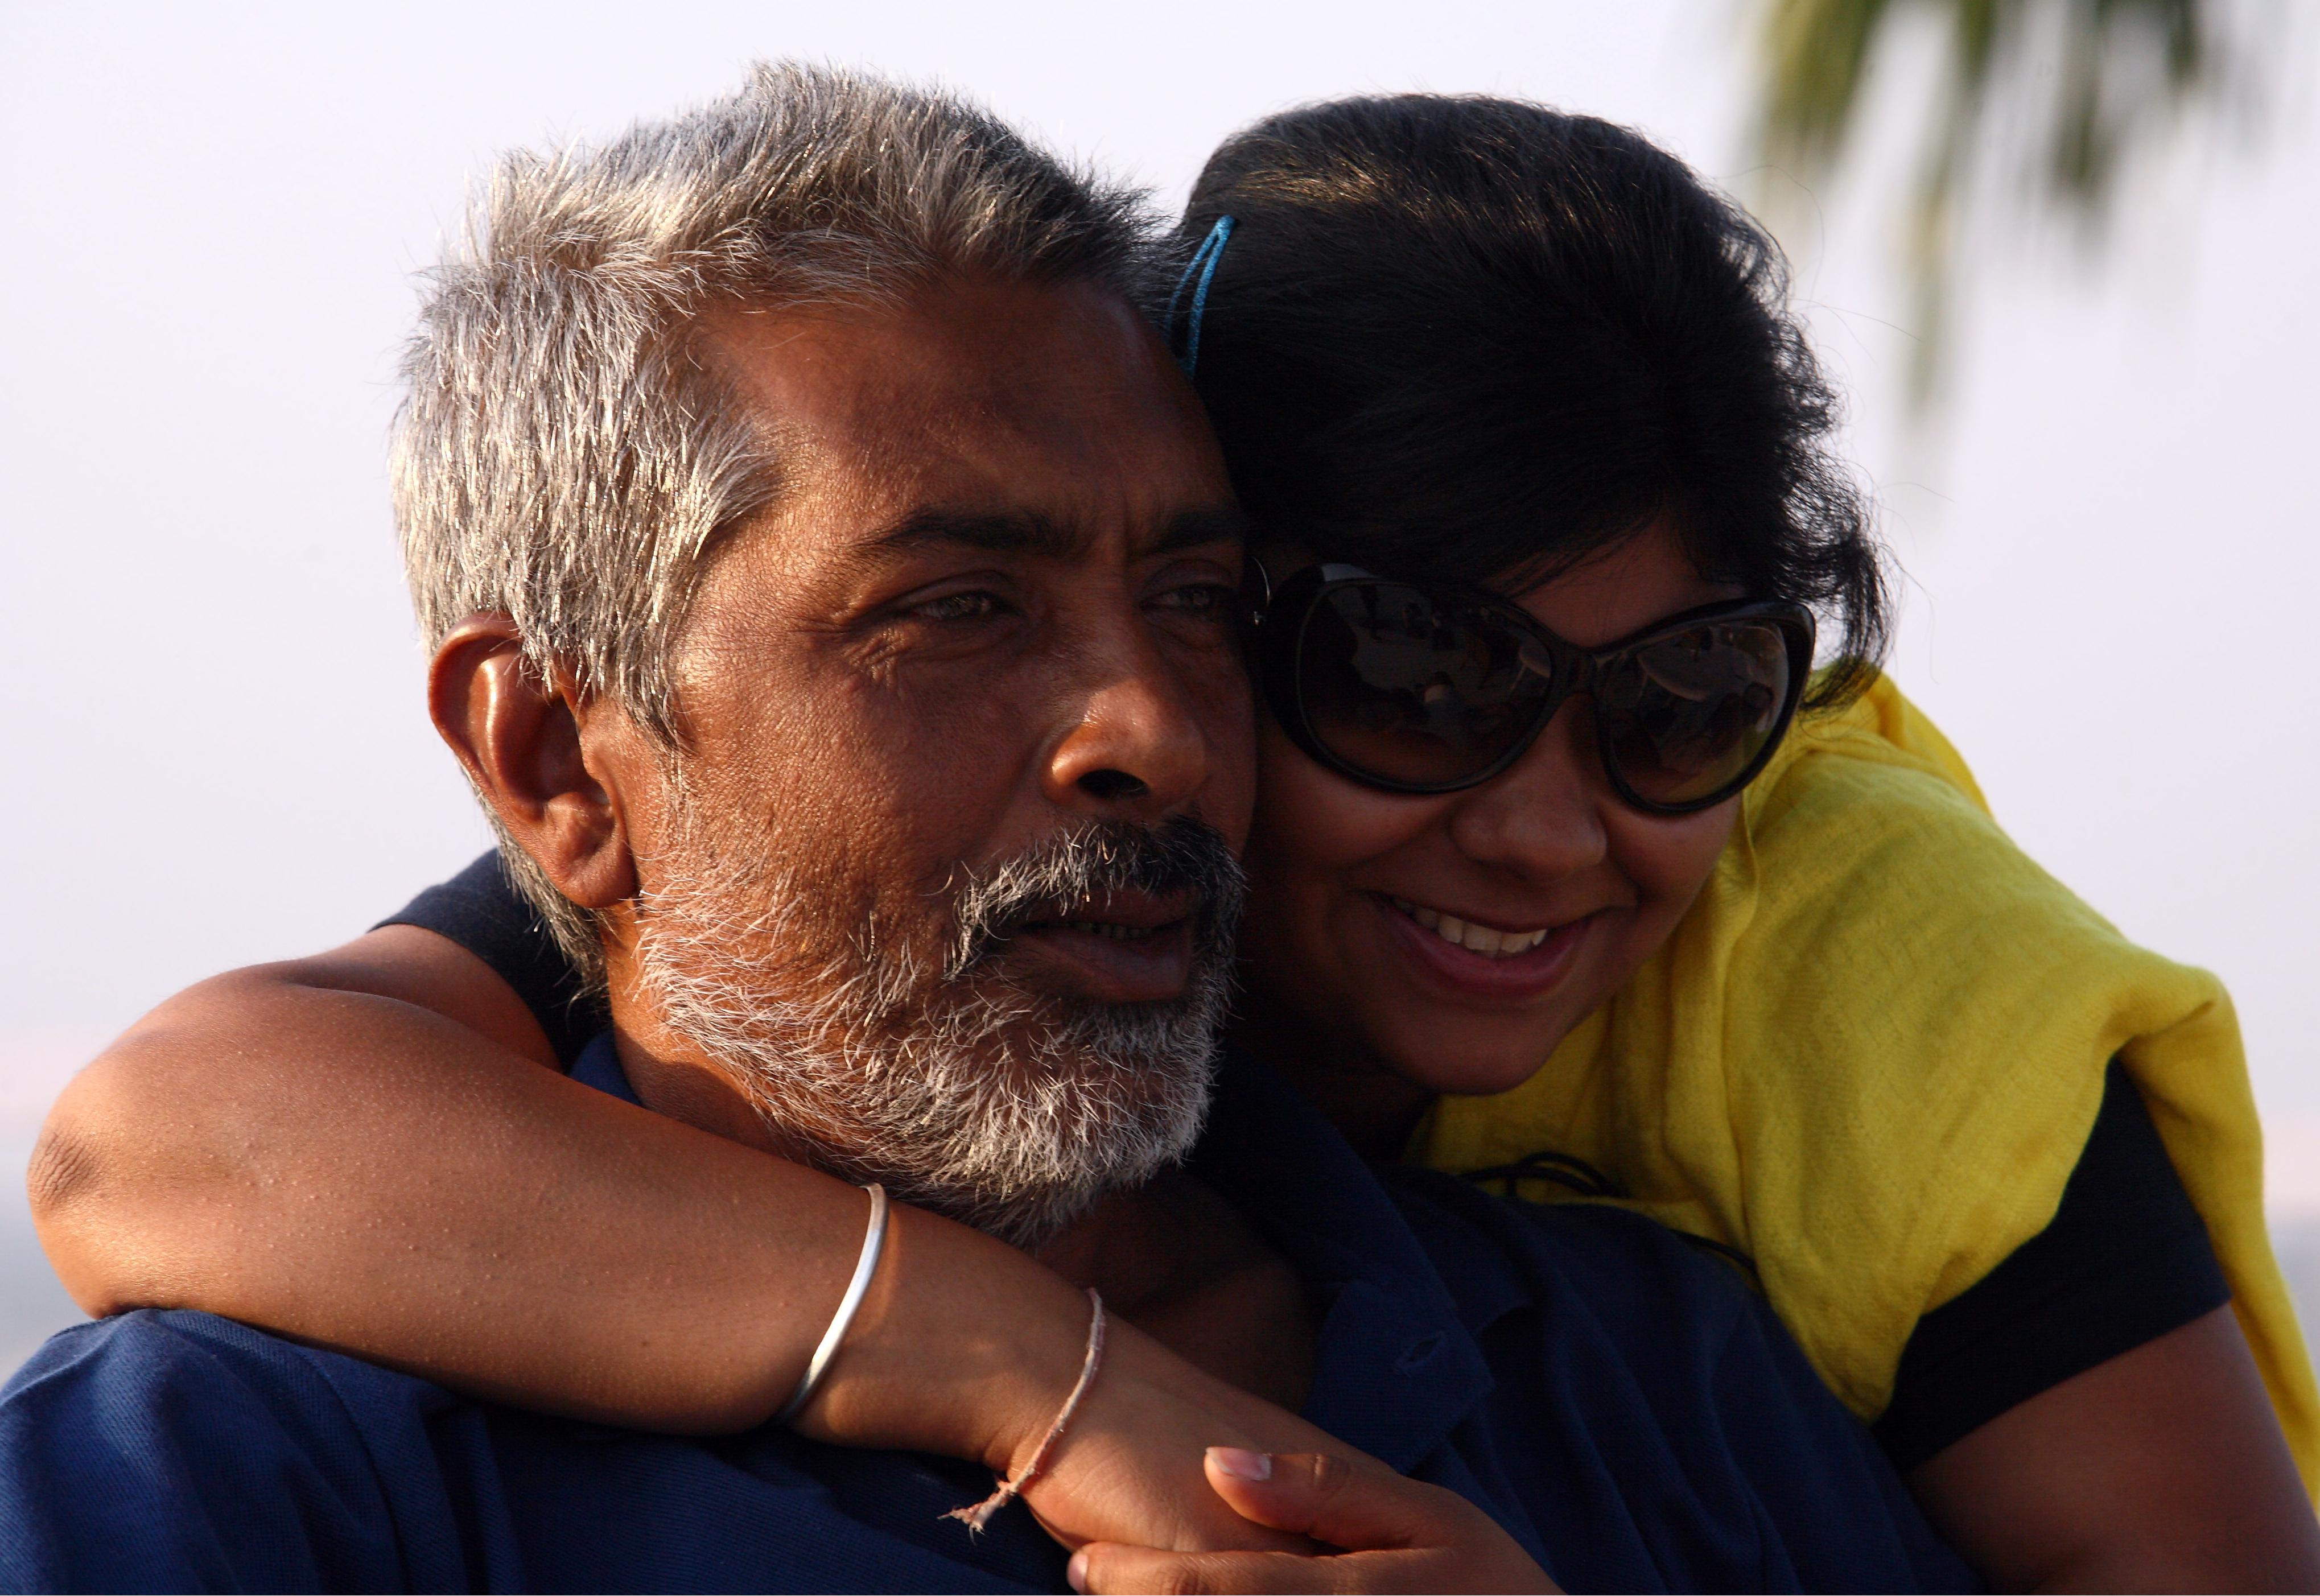 Prakash Jha's incredible parenting story